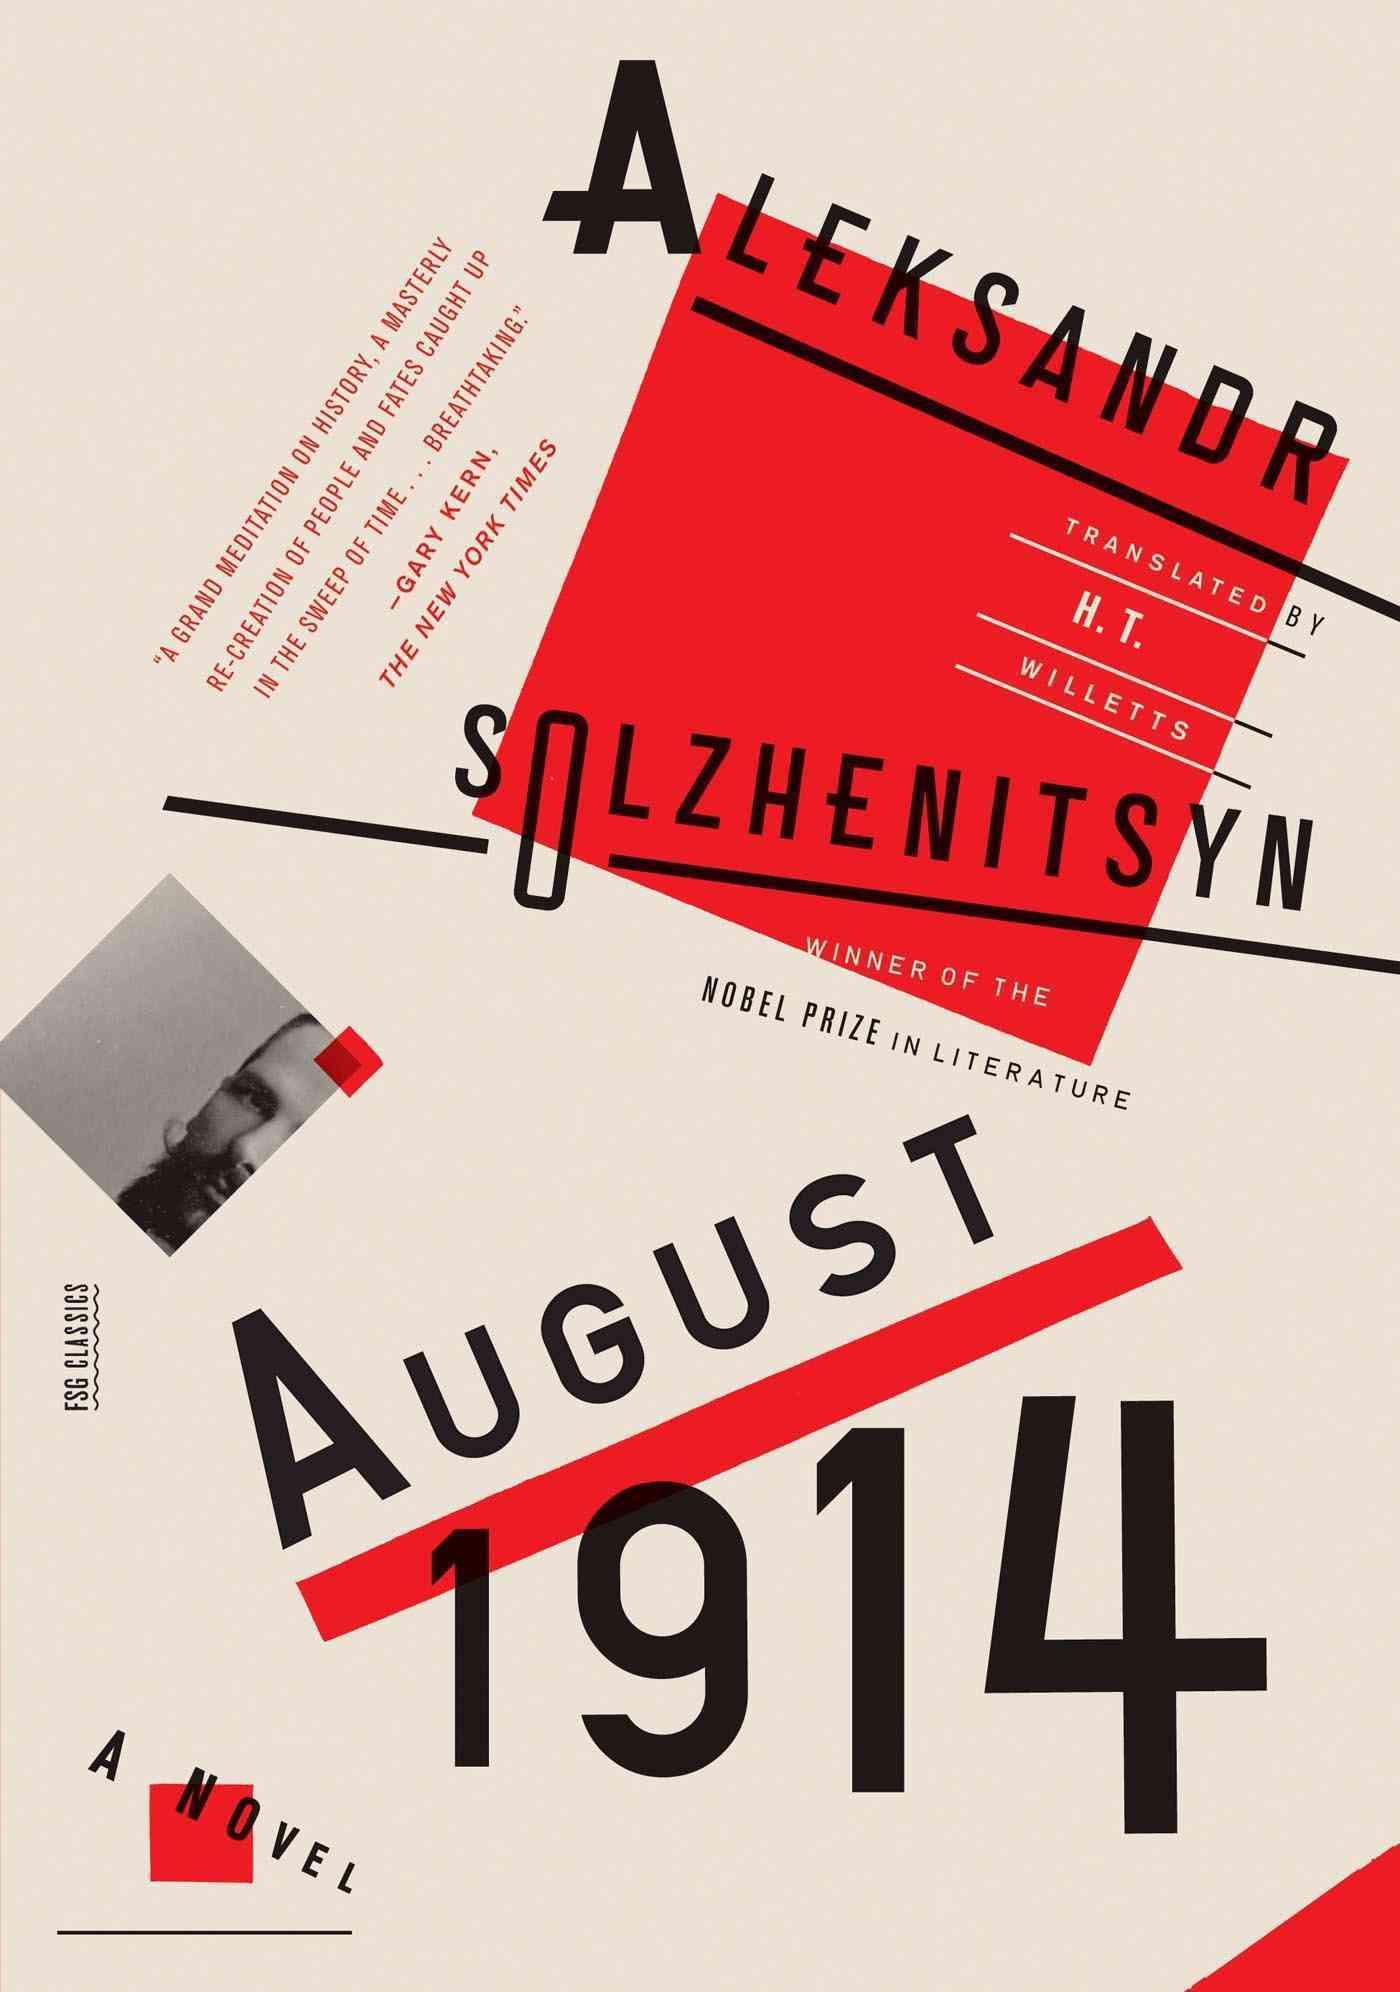 August 1914 By Solzhenitsyn, Aleksandr Isaevich